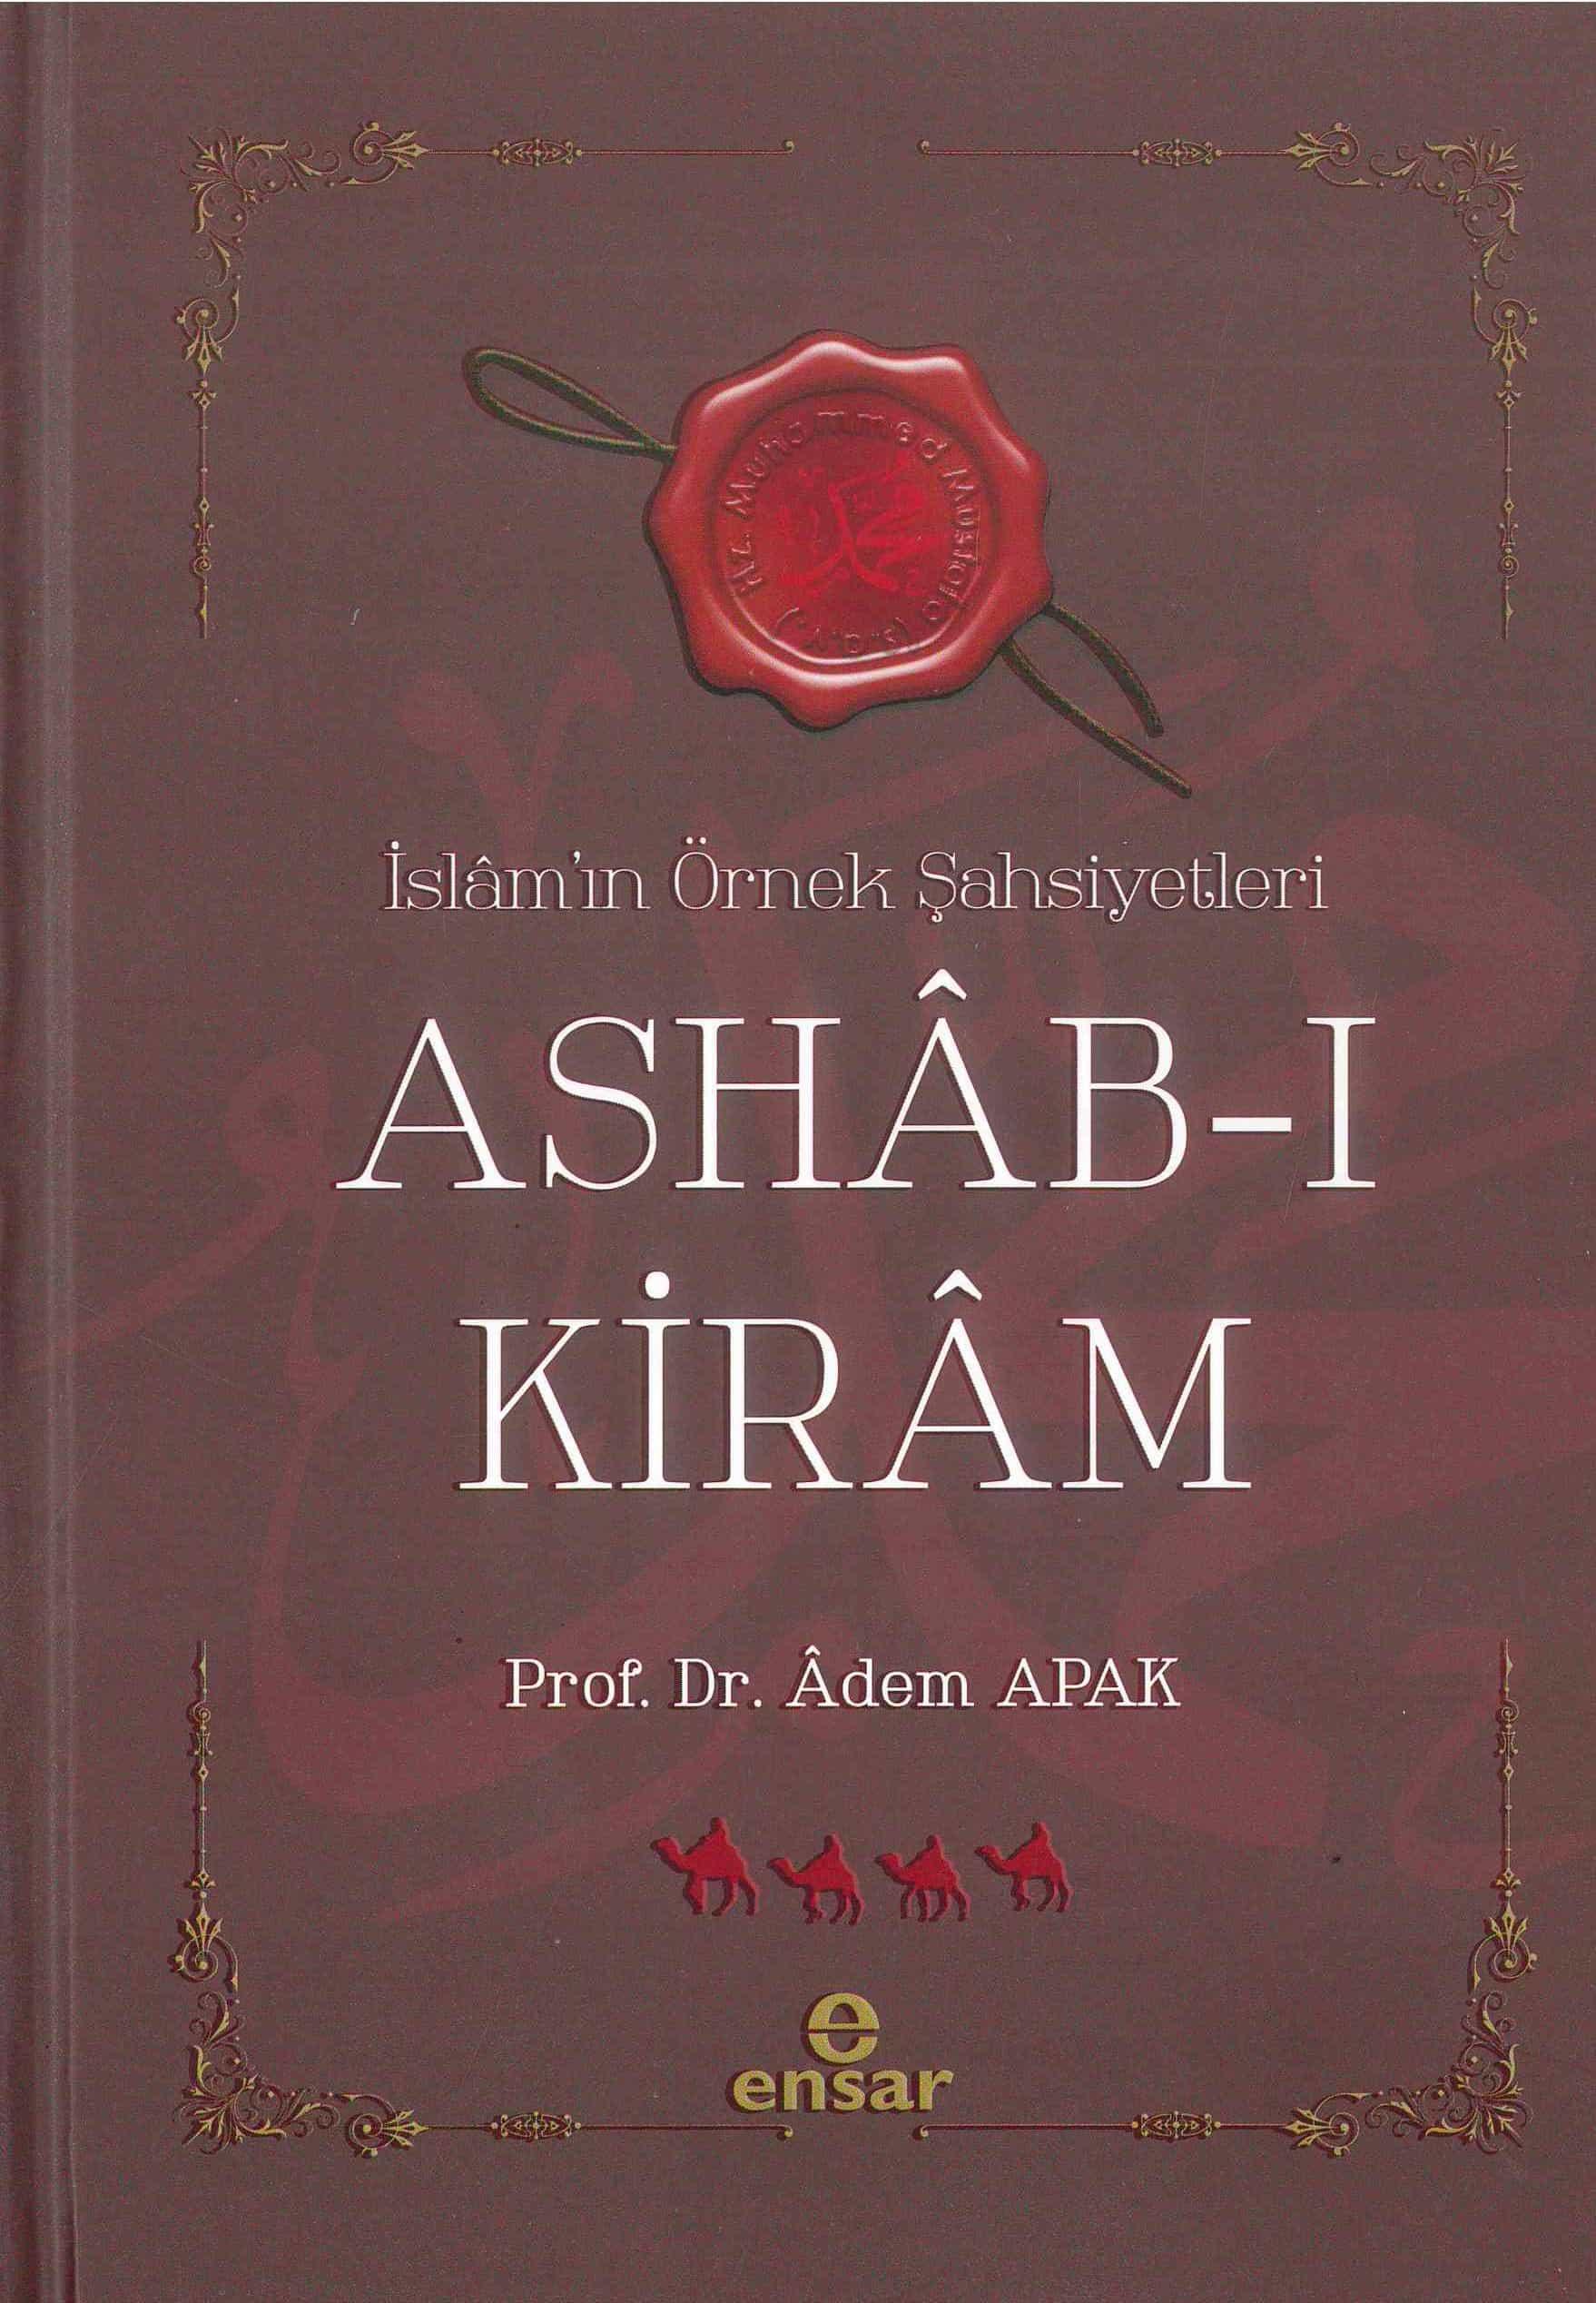 Ashab-ı Kiram İslamın Örnek Şahsiyetleri